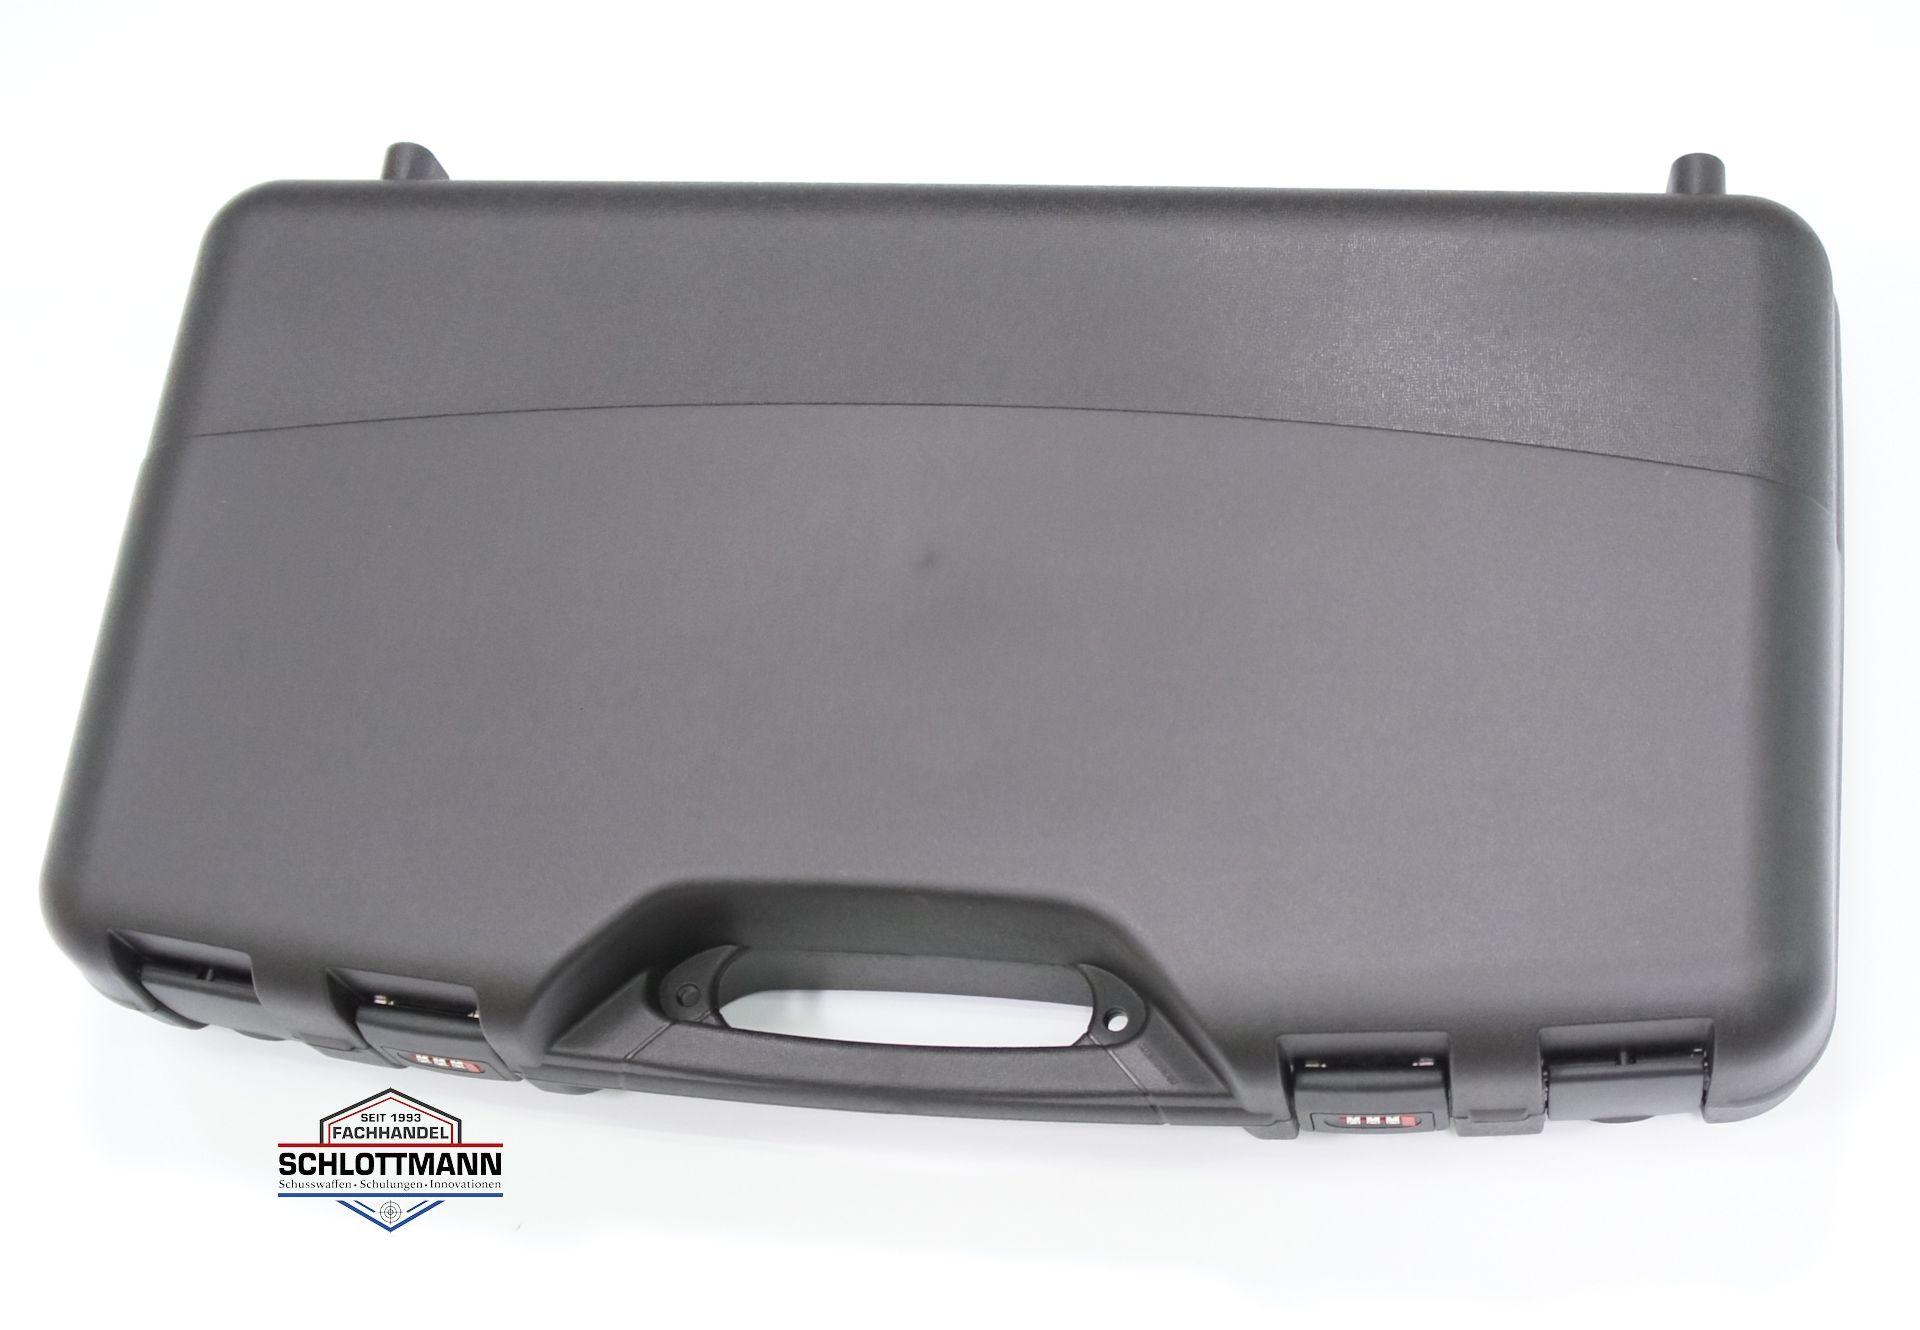 Kurzer Koffer, 70cm lang, für Pistolenkarabiner oder Bullpub- Gewehre, integrierte Zahlenschlösser und gute Polsterung